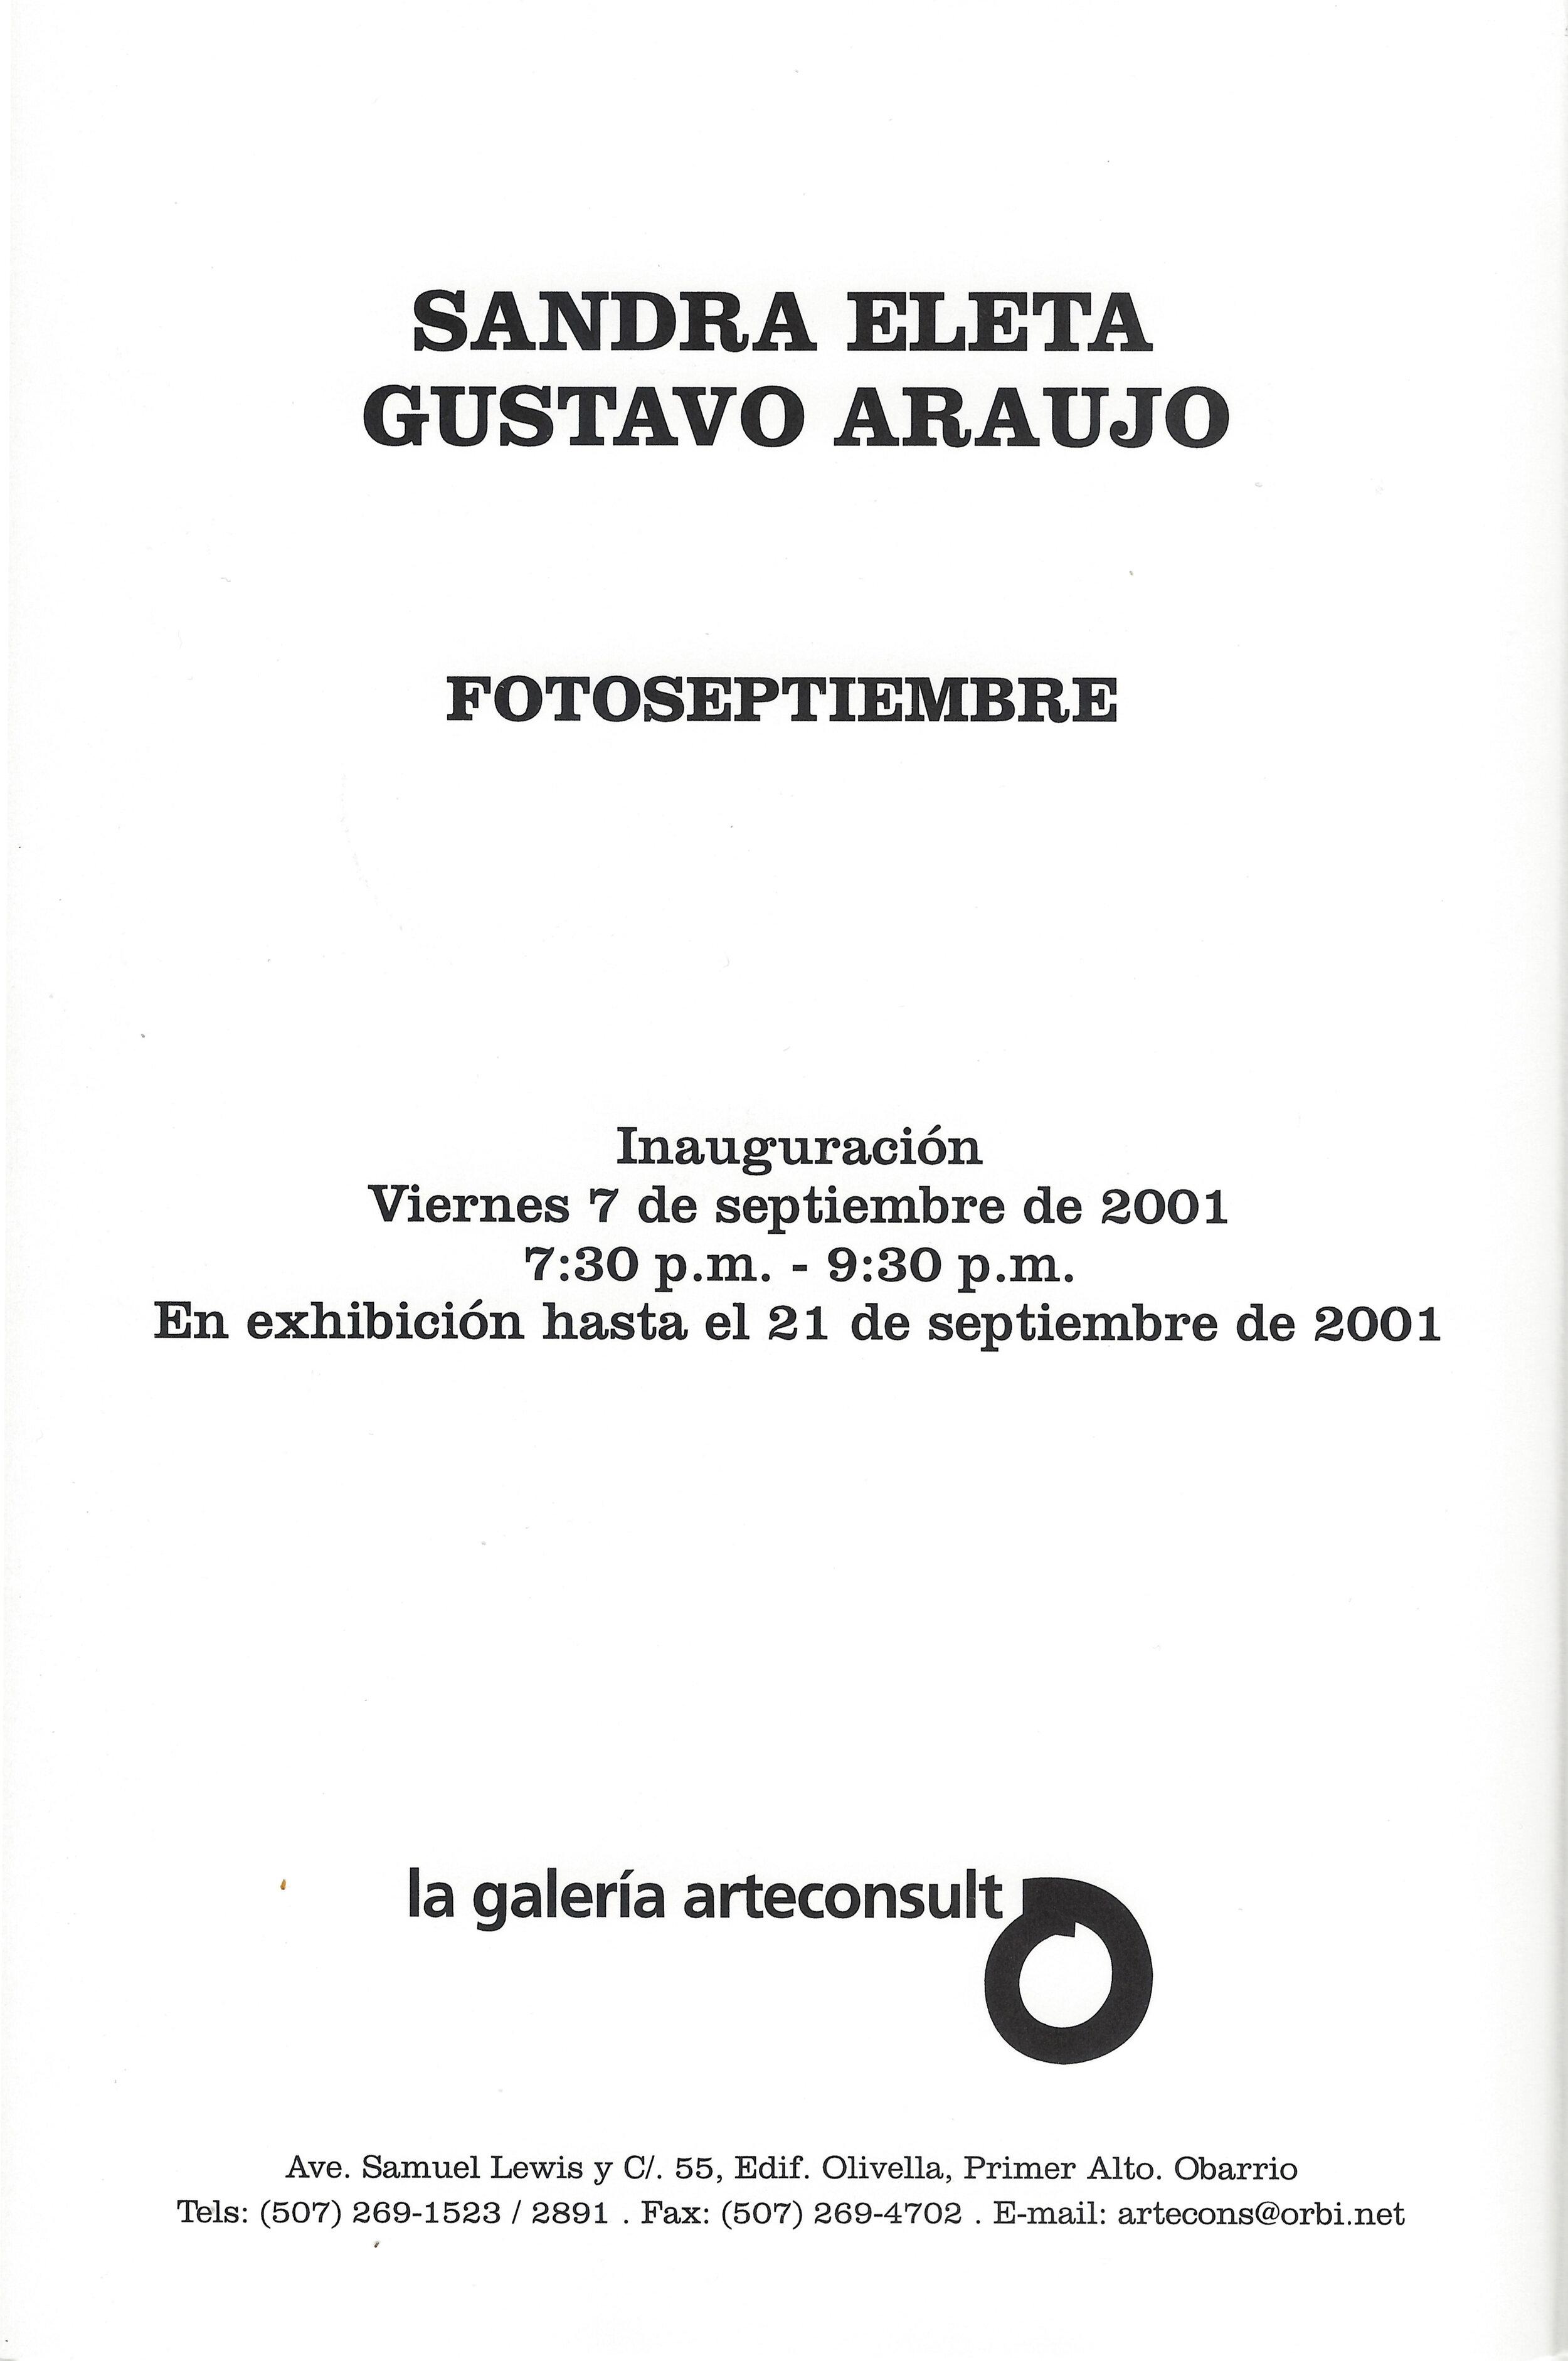 EletaAraujo-2001-FotoSeptiembre.jpg